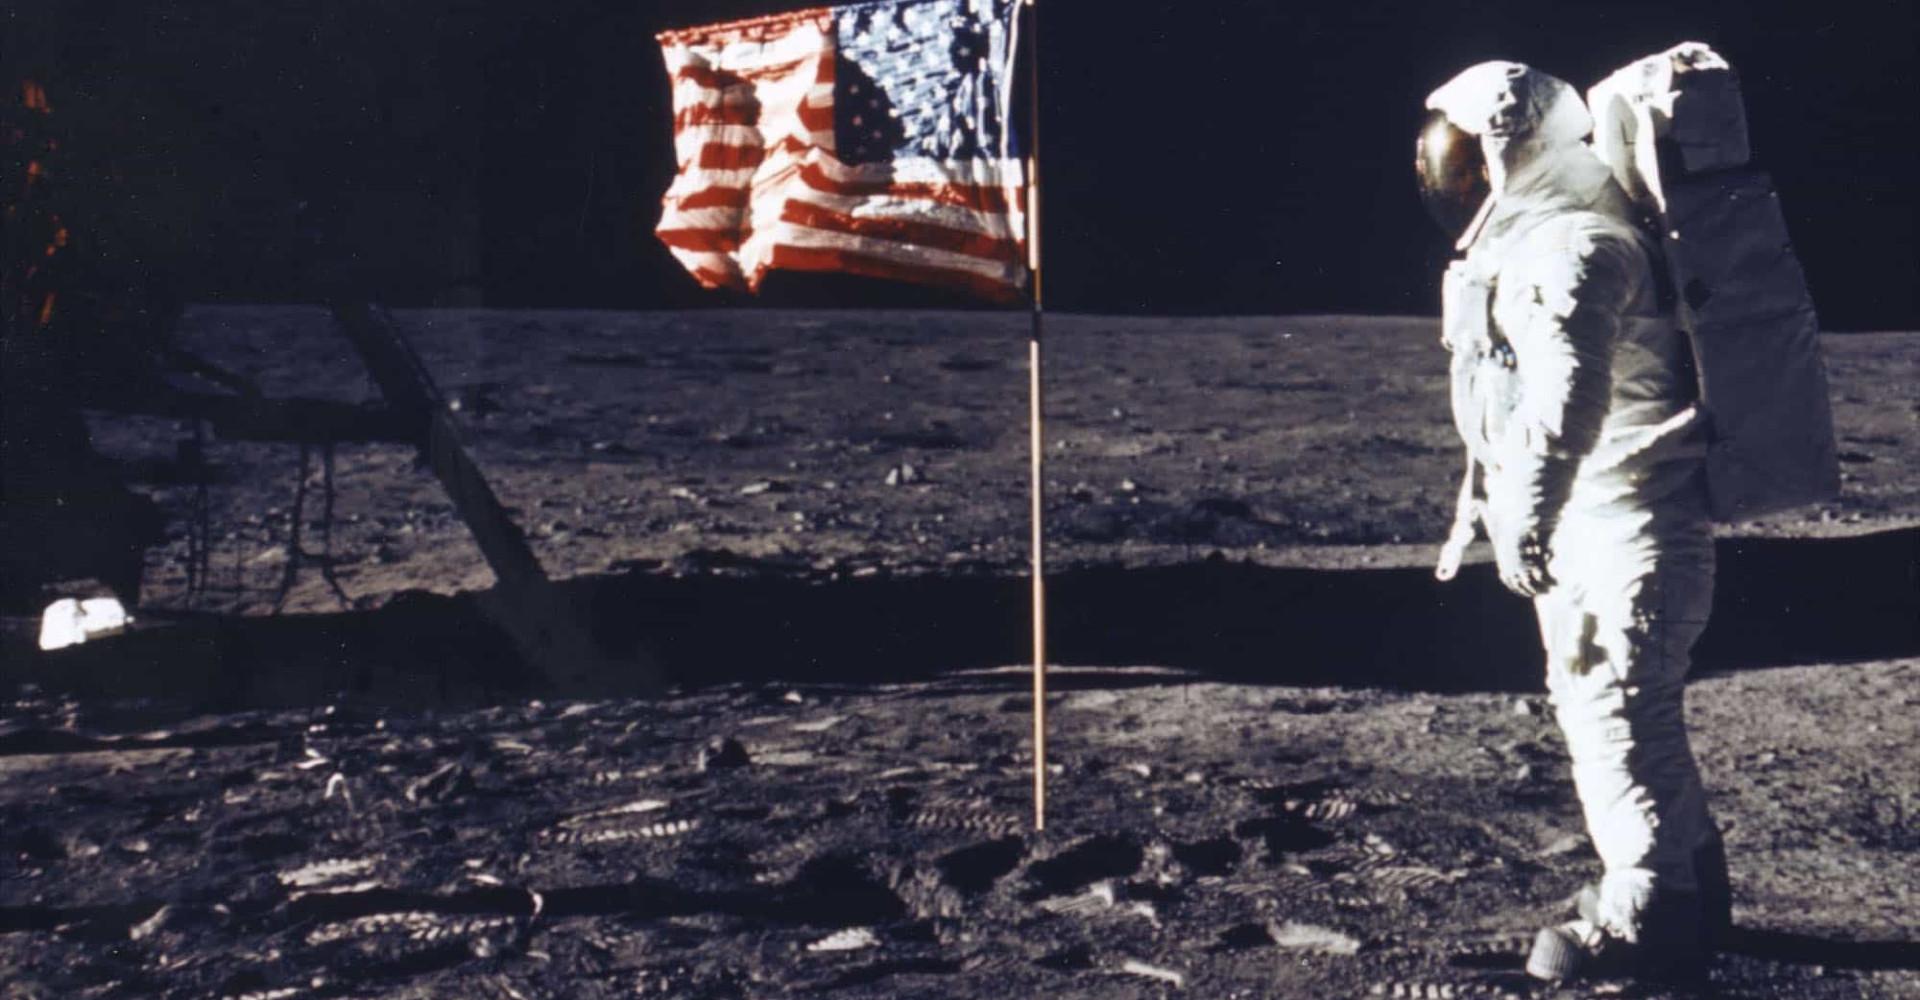 Månminnen: 50 år sedan rymdäventyret Apollo 11